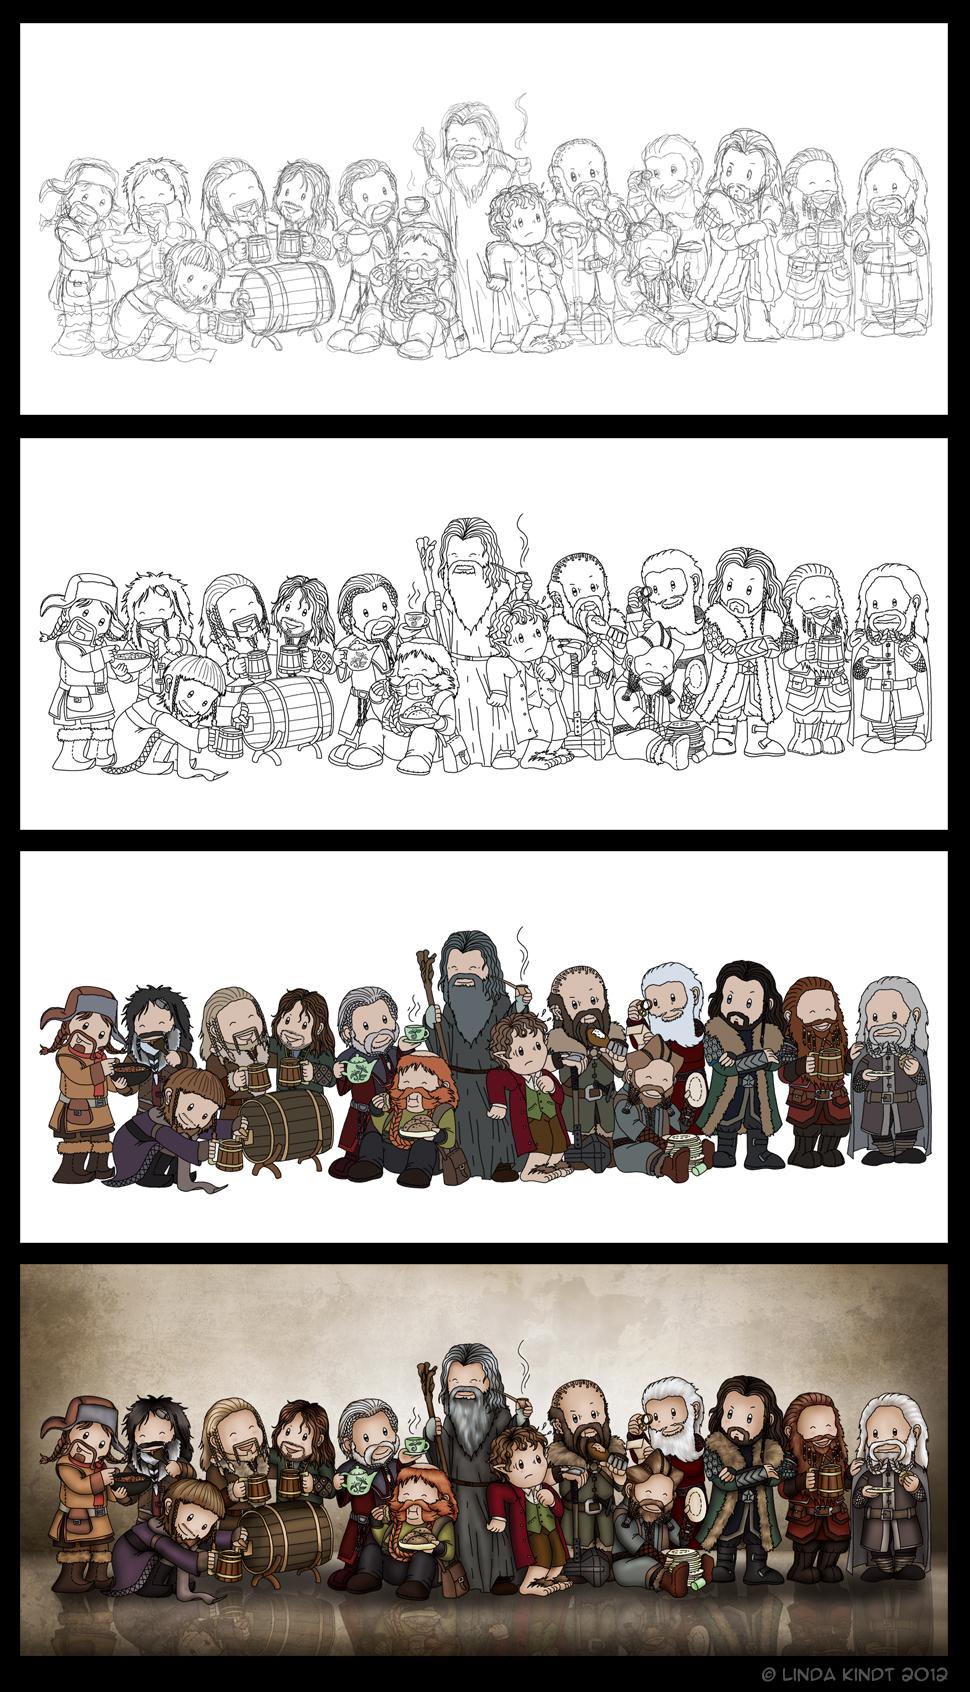 Thirteen Dwarves, A Wizard And A Hobbit